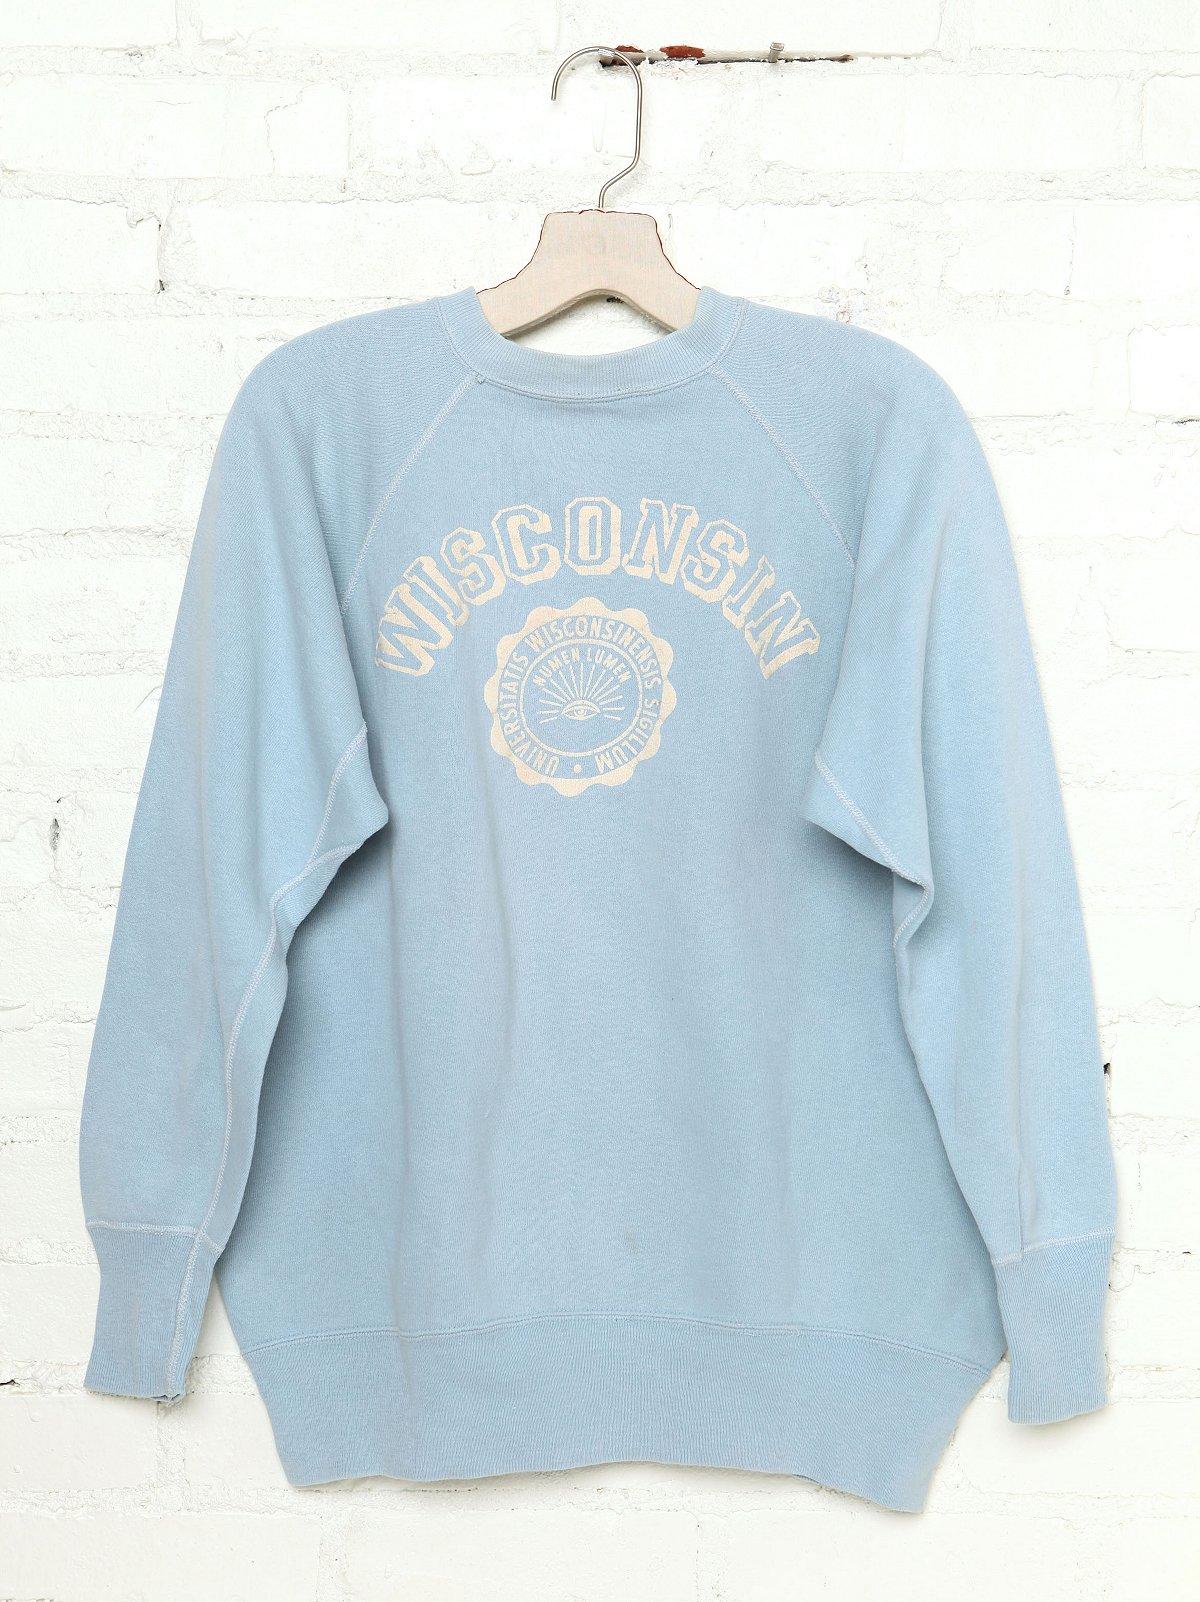 Vintage Wisconsin Sweatshirt